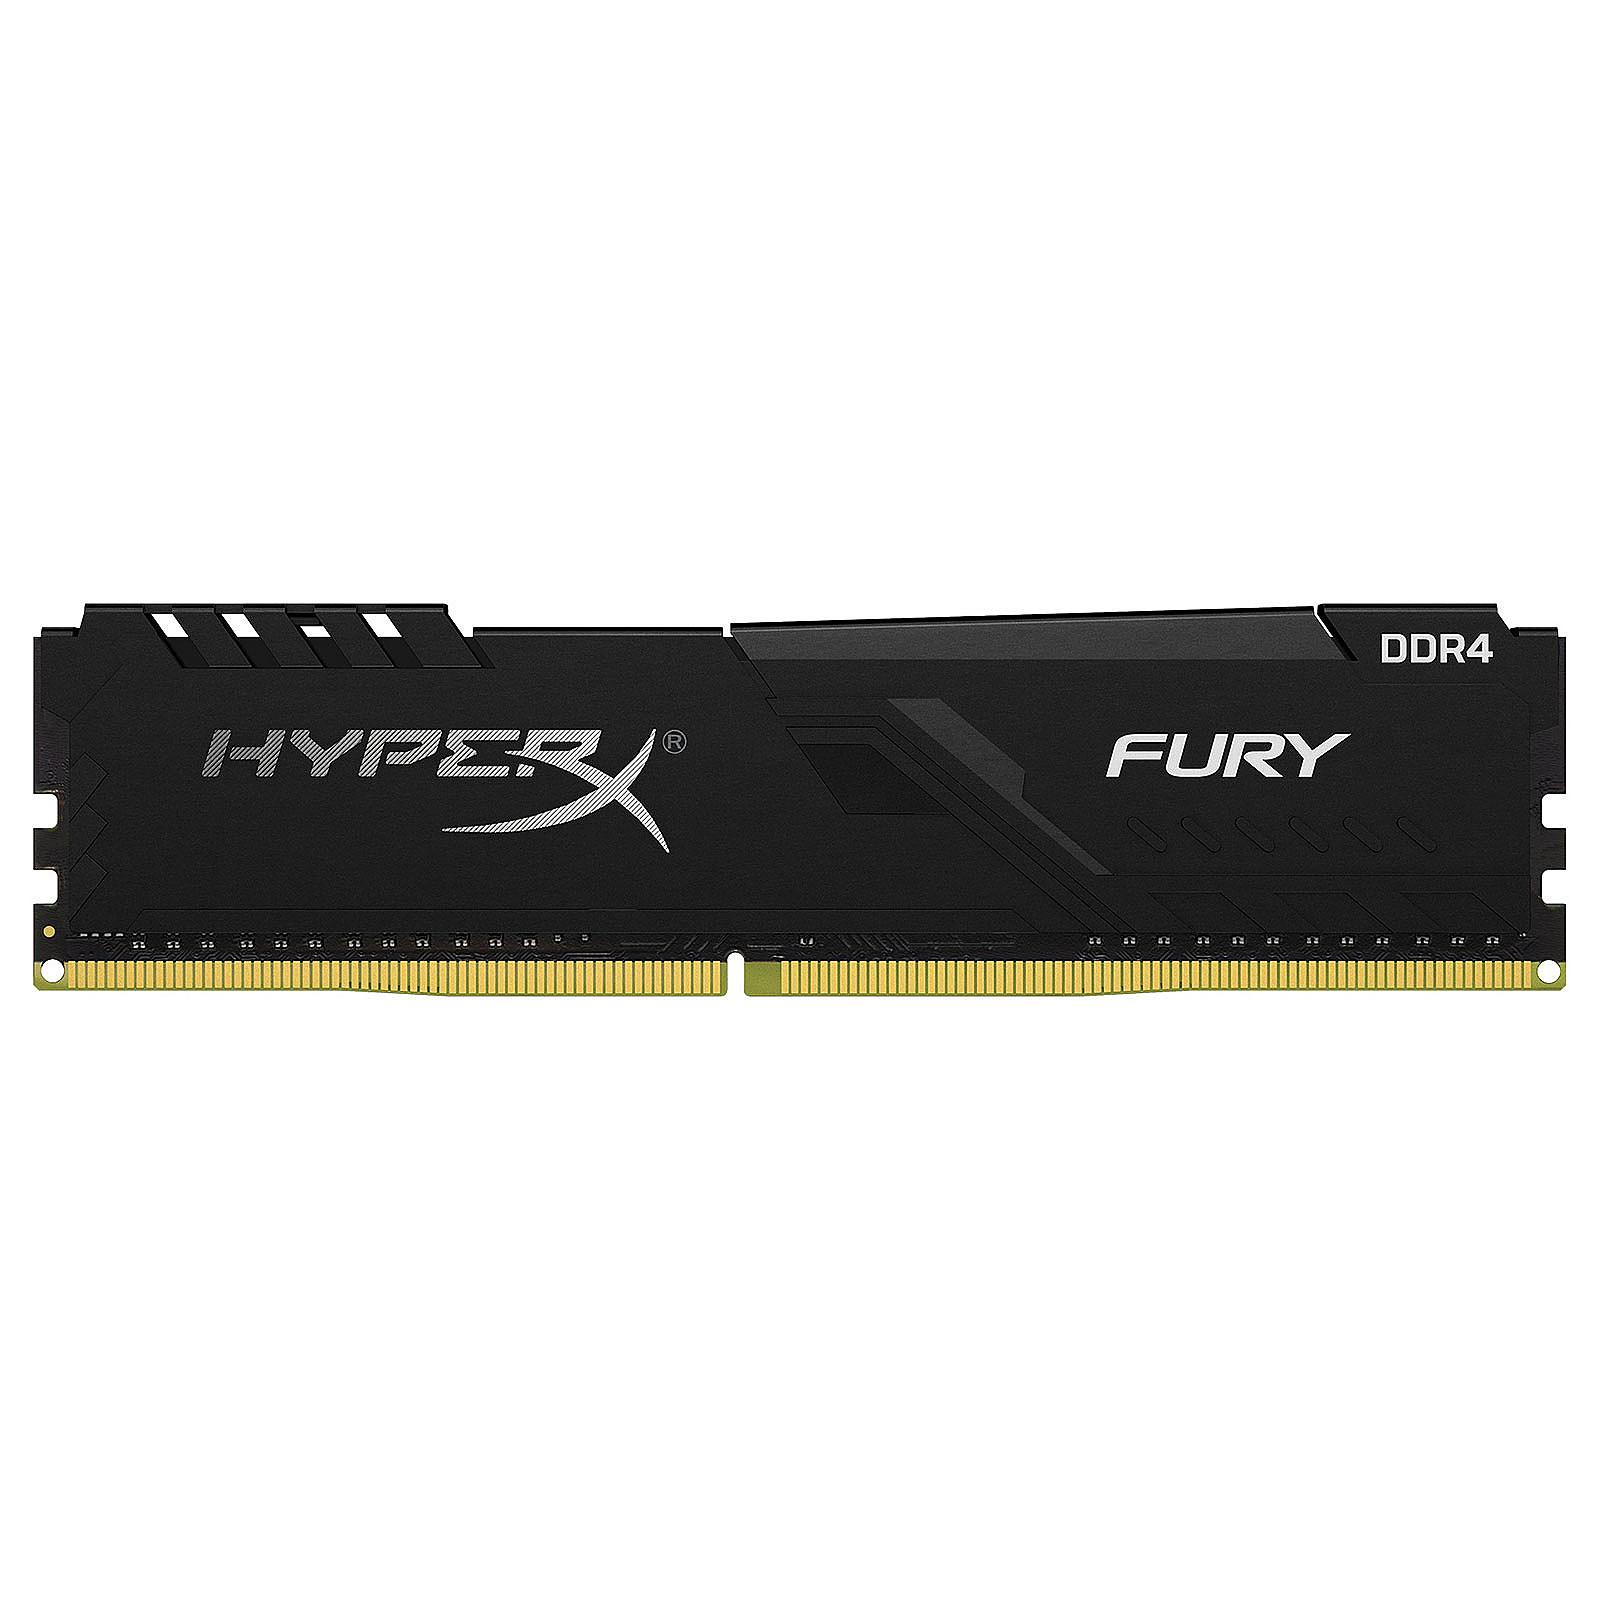 HyperX Fury 32 Go DDR4 2400 MHz CL15